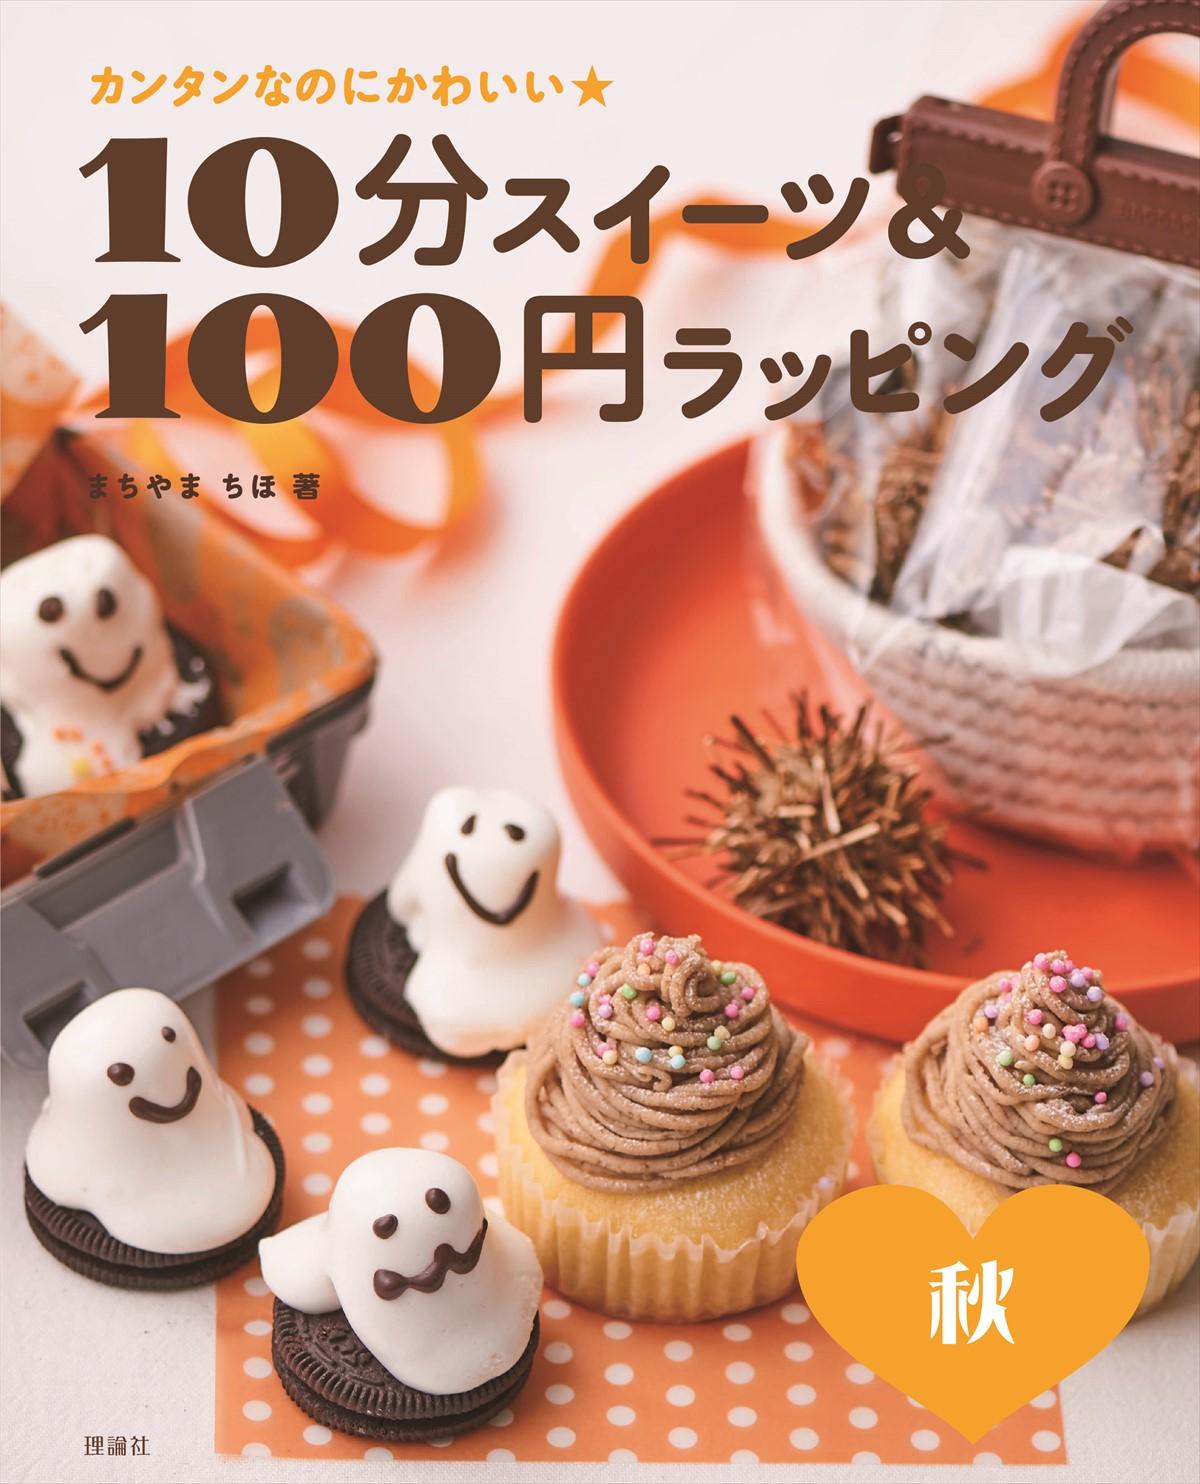 10分スイーツ&100円ラッピング 秋